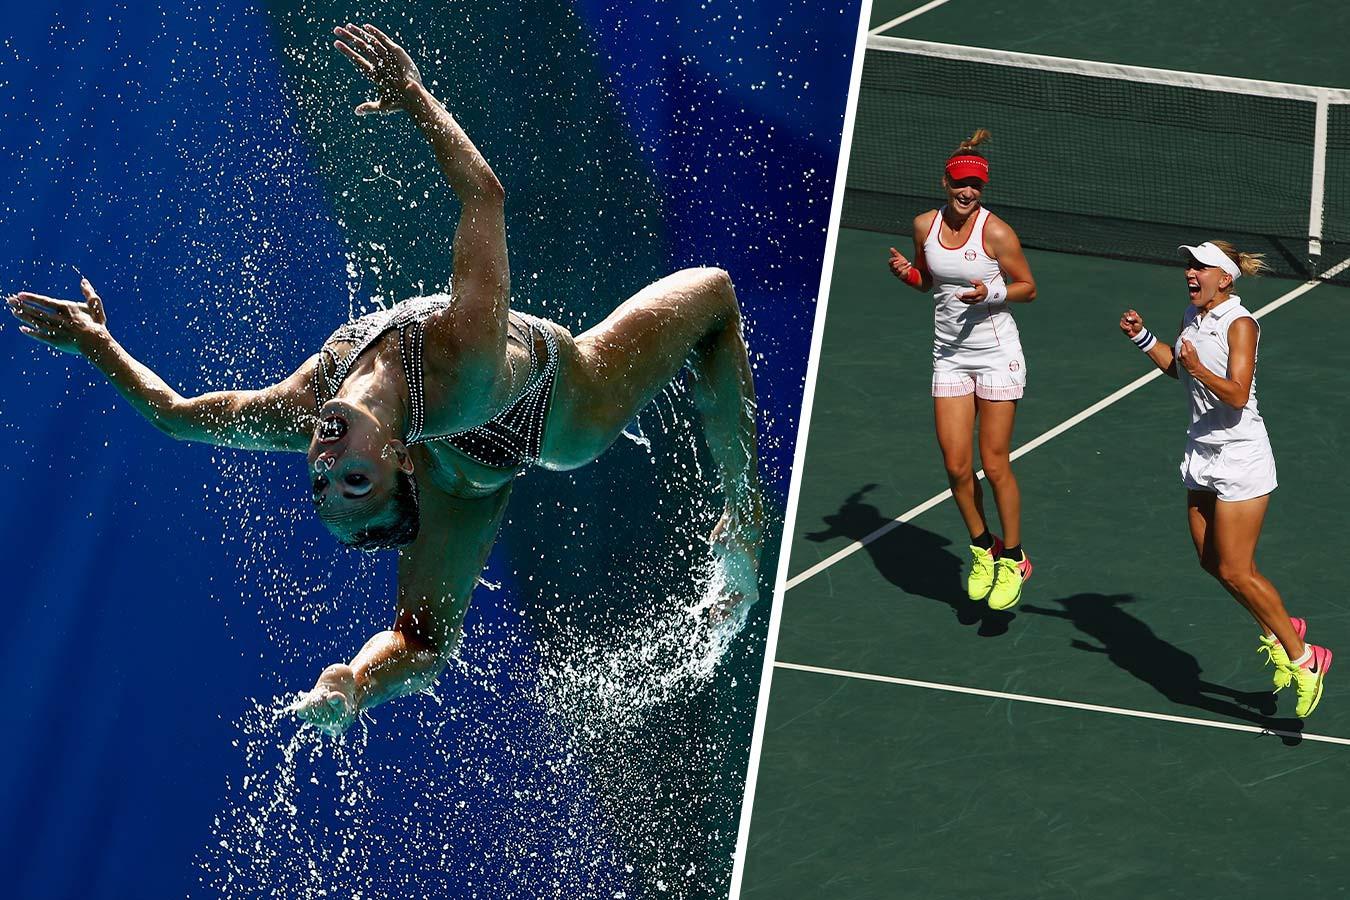 означает лучшие фото олимпиады в рио заговор каждую иголку